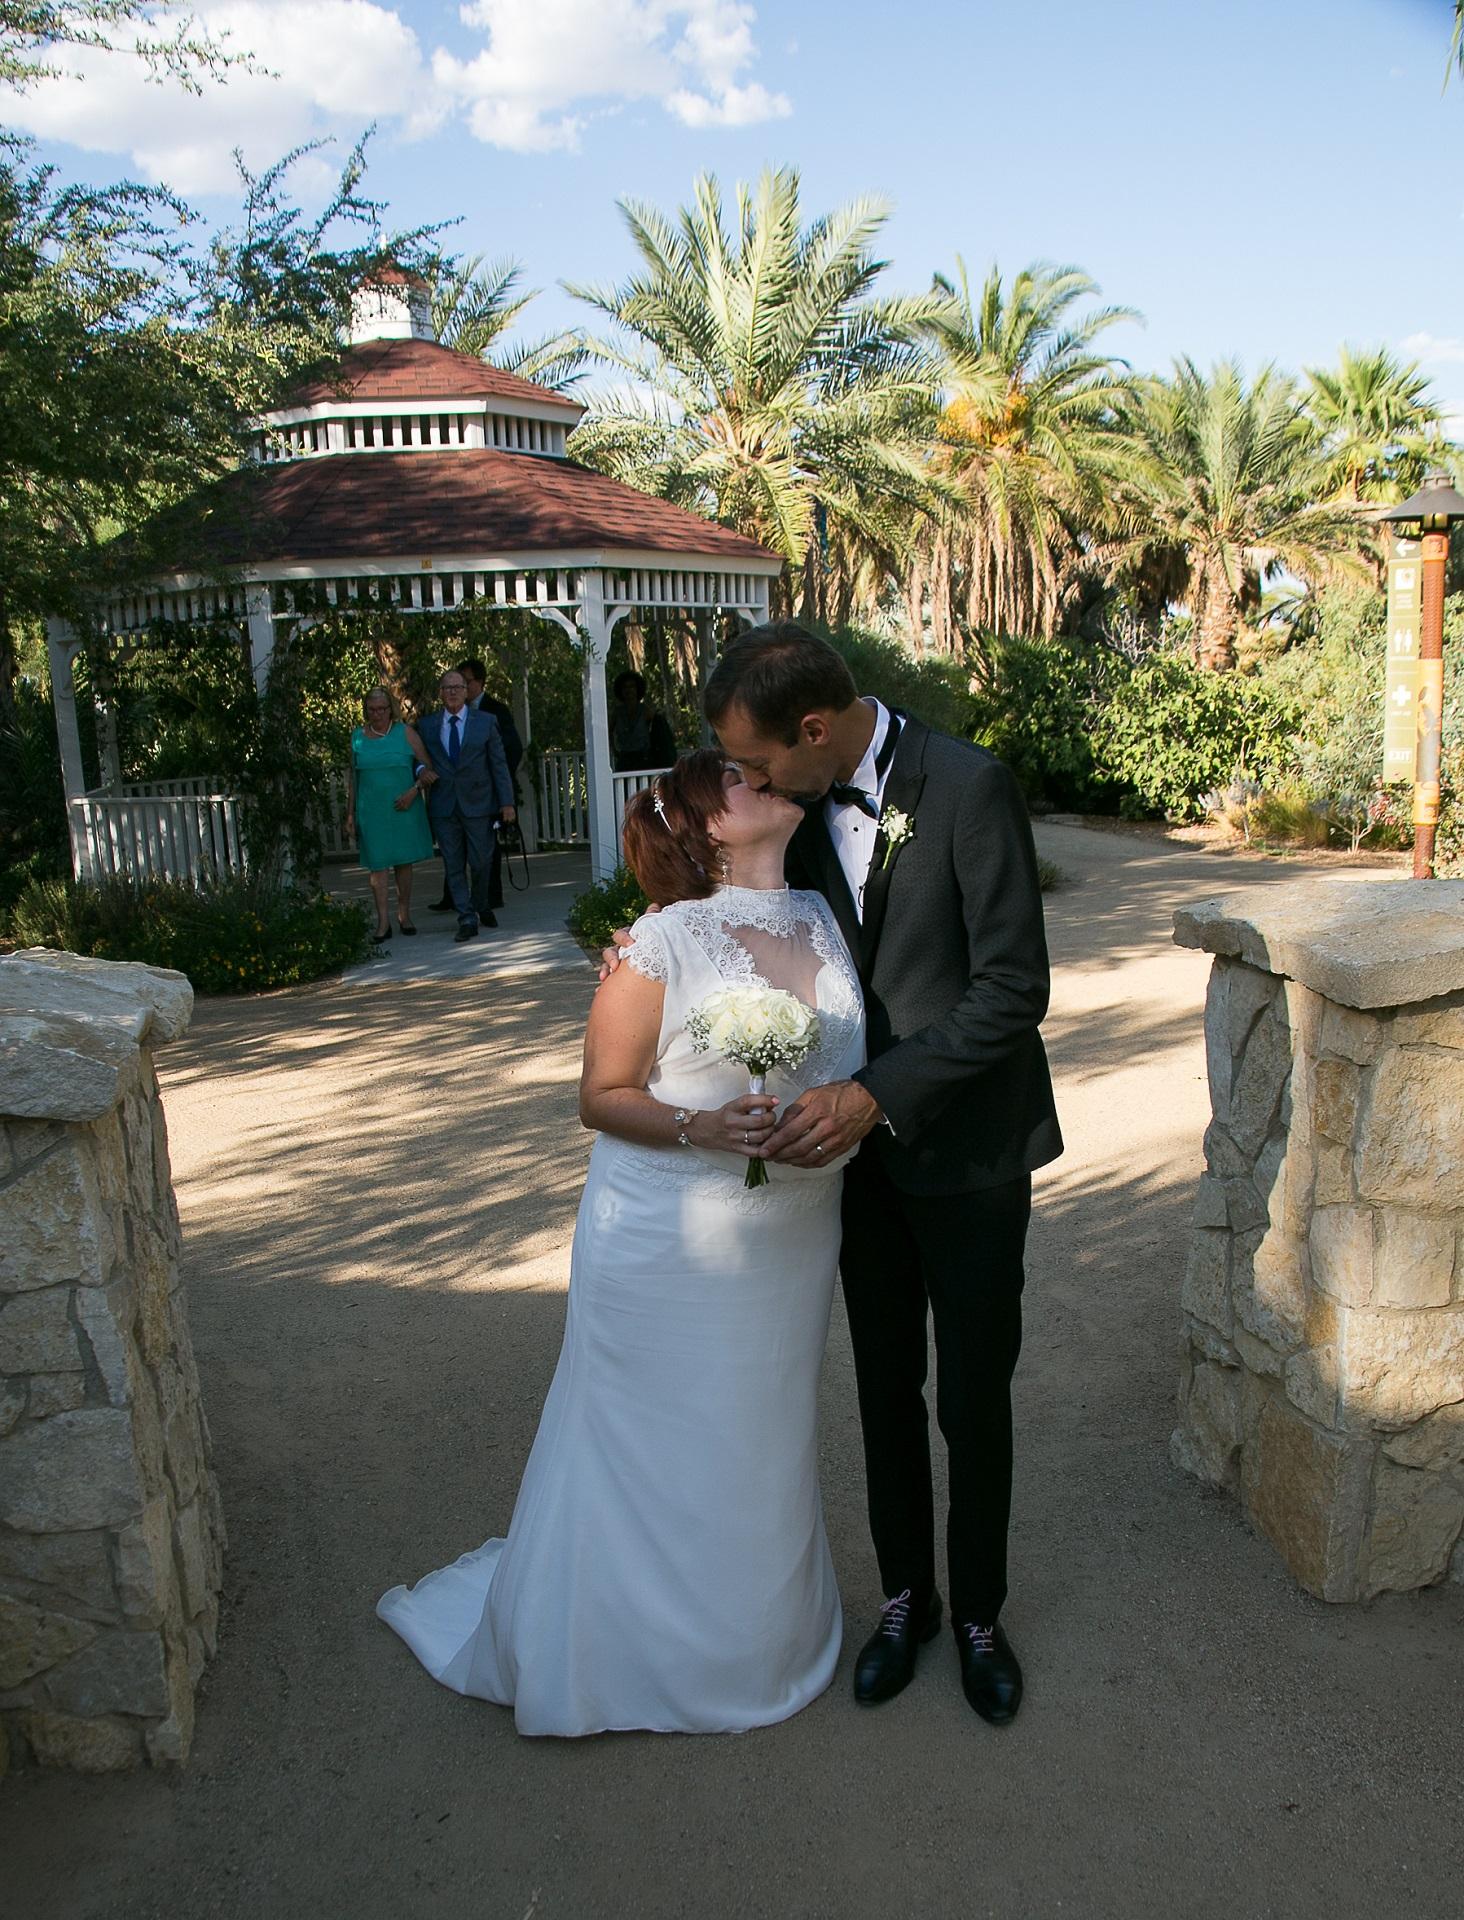 Springs Preserve Gazebo Wedding